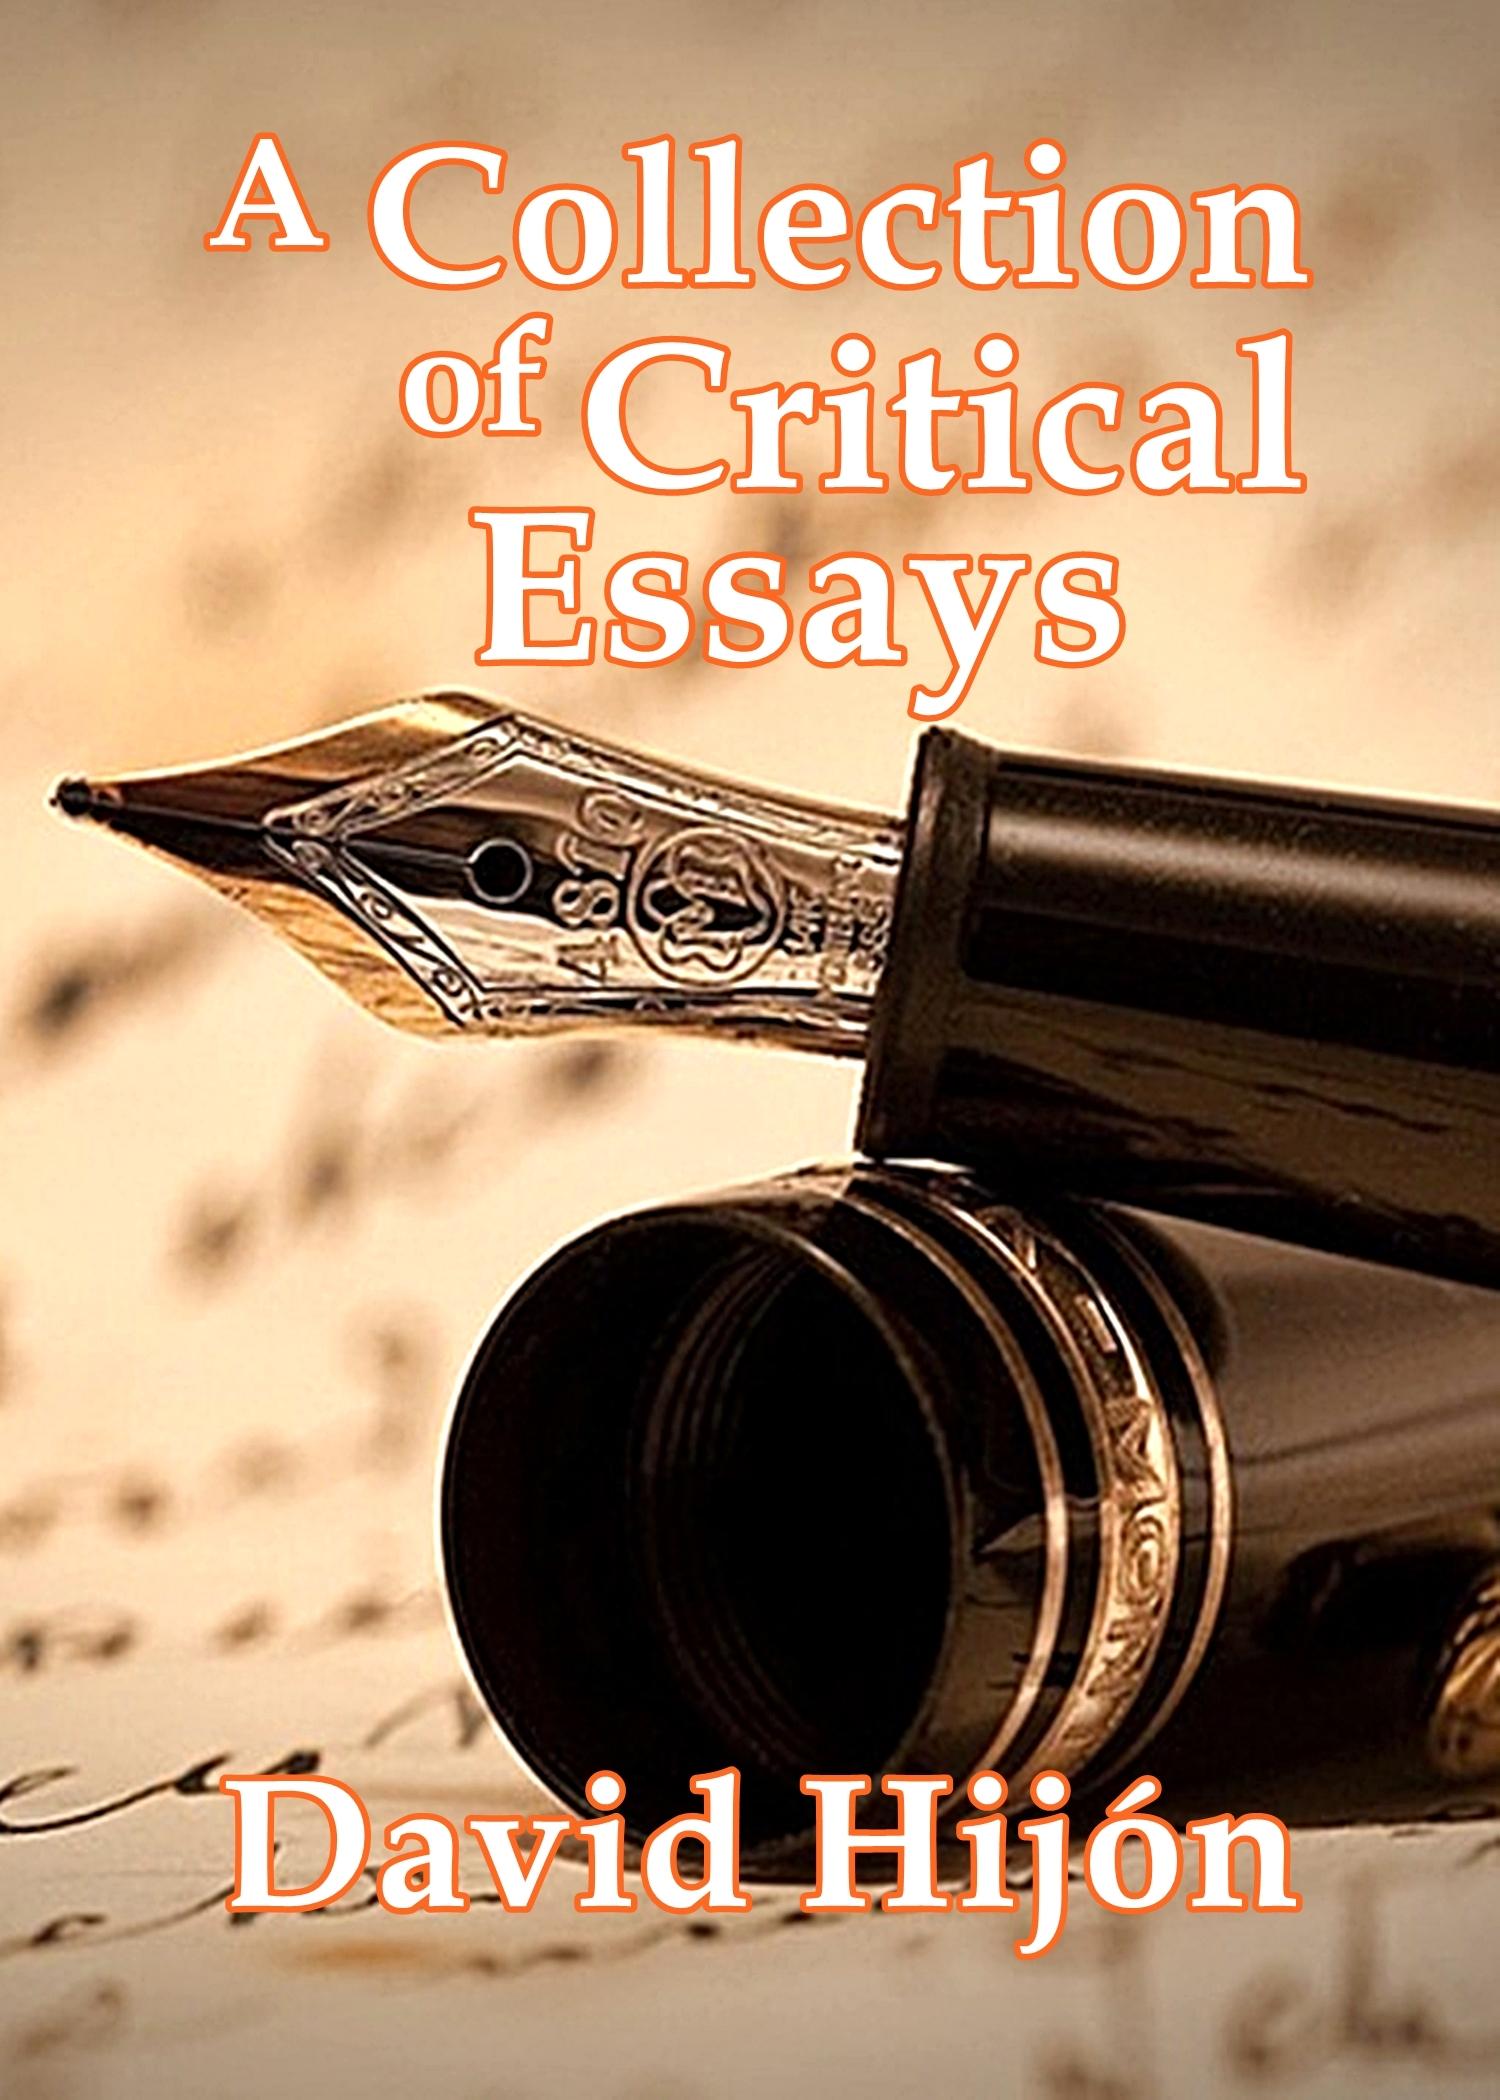 A Collection of Critical Essays David Hijón Romero